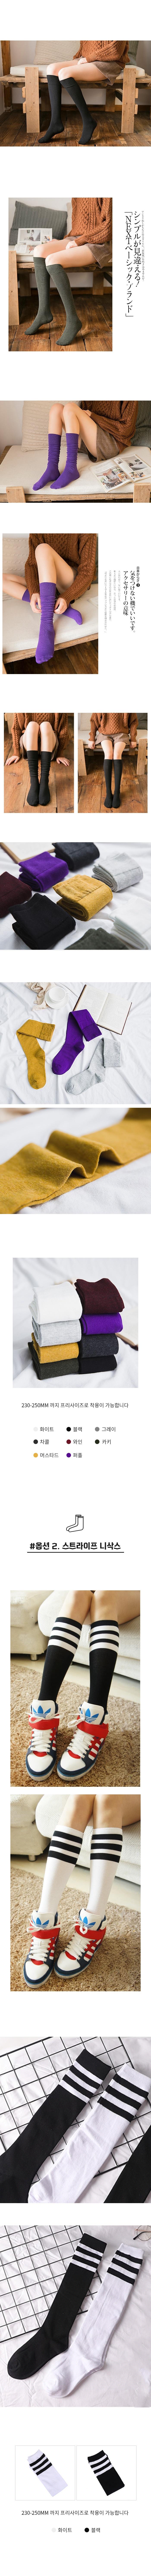 갓샵 스트라이프 롱 하이 니삭스 2color 무릎 양말 - 갓샵, 2,300원, 여성양말, 패션양말